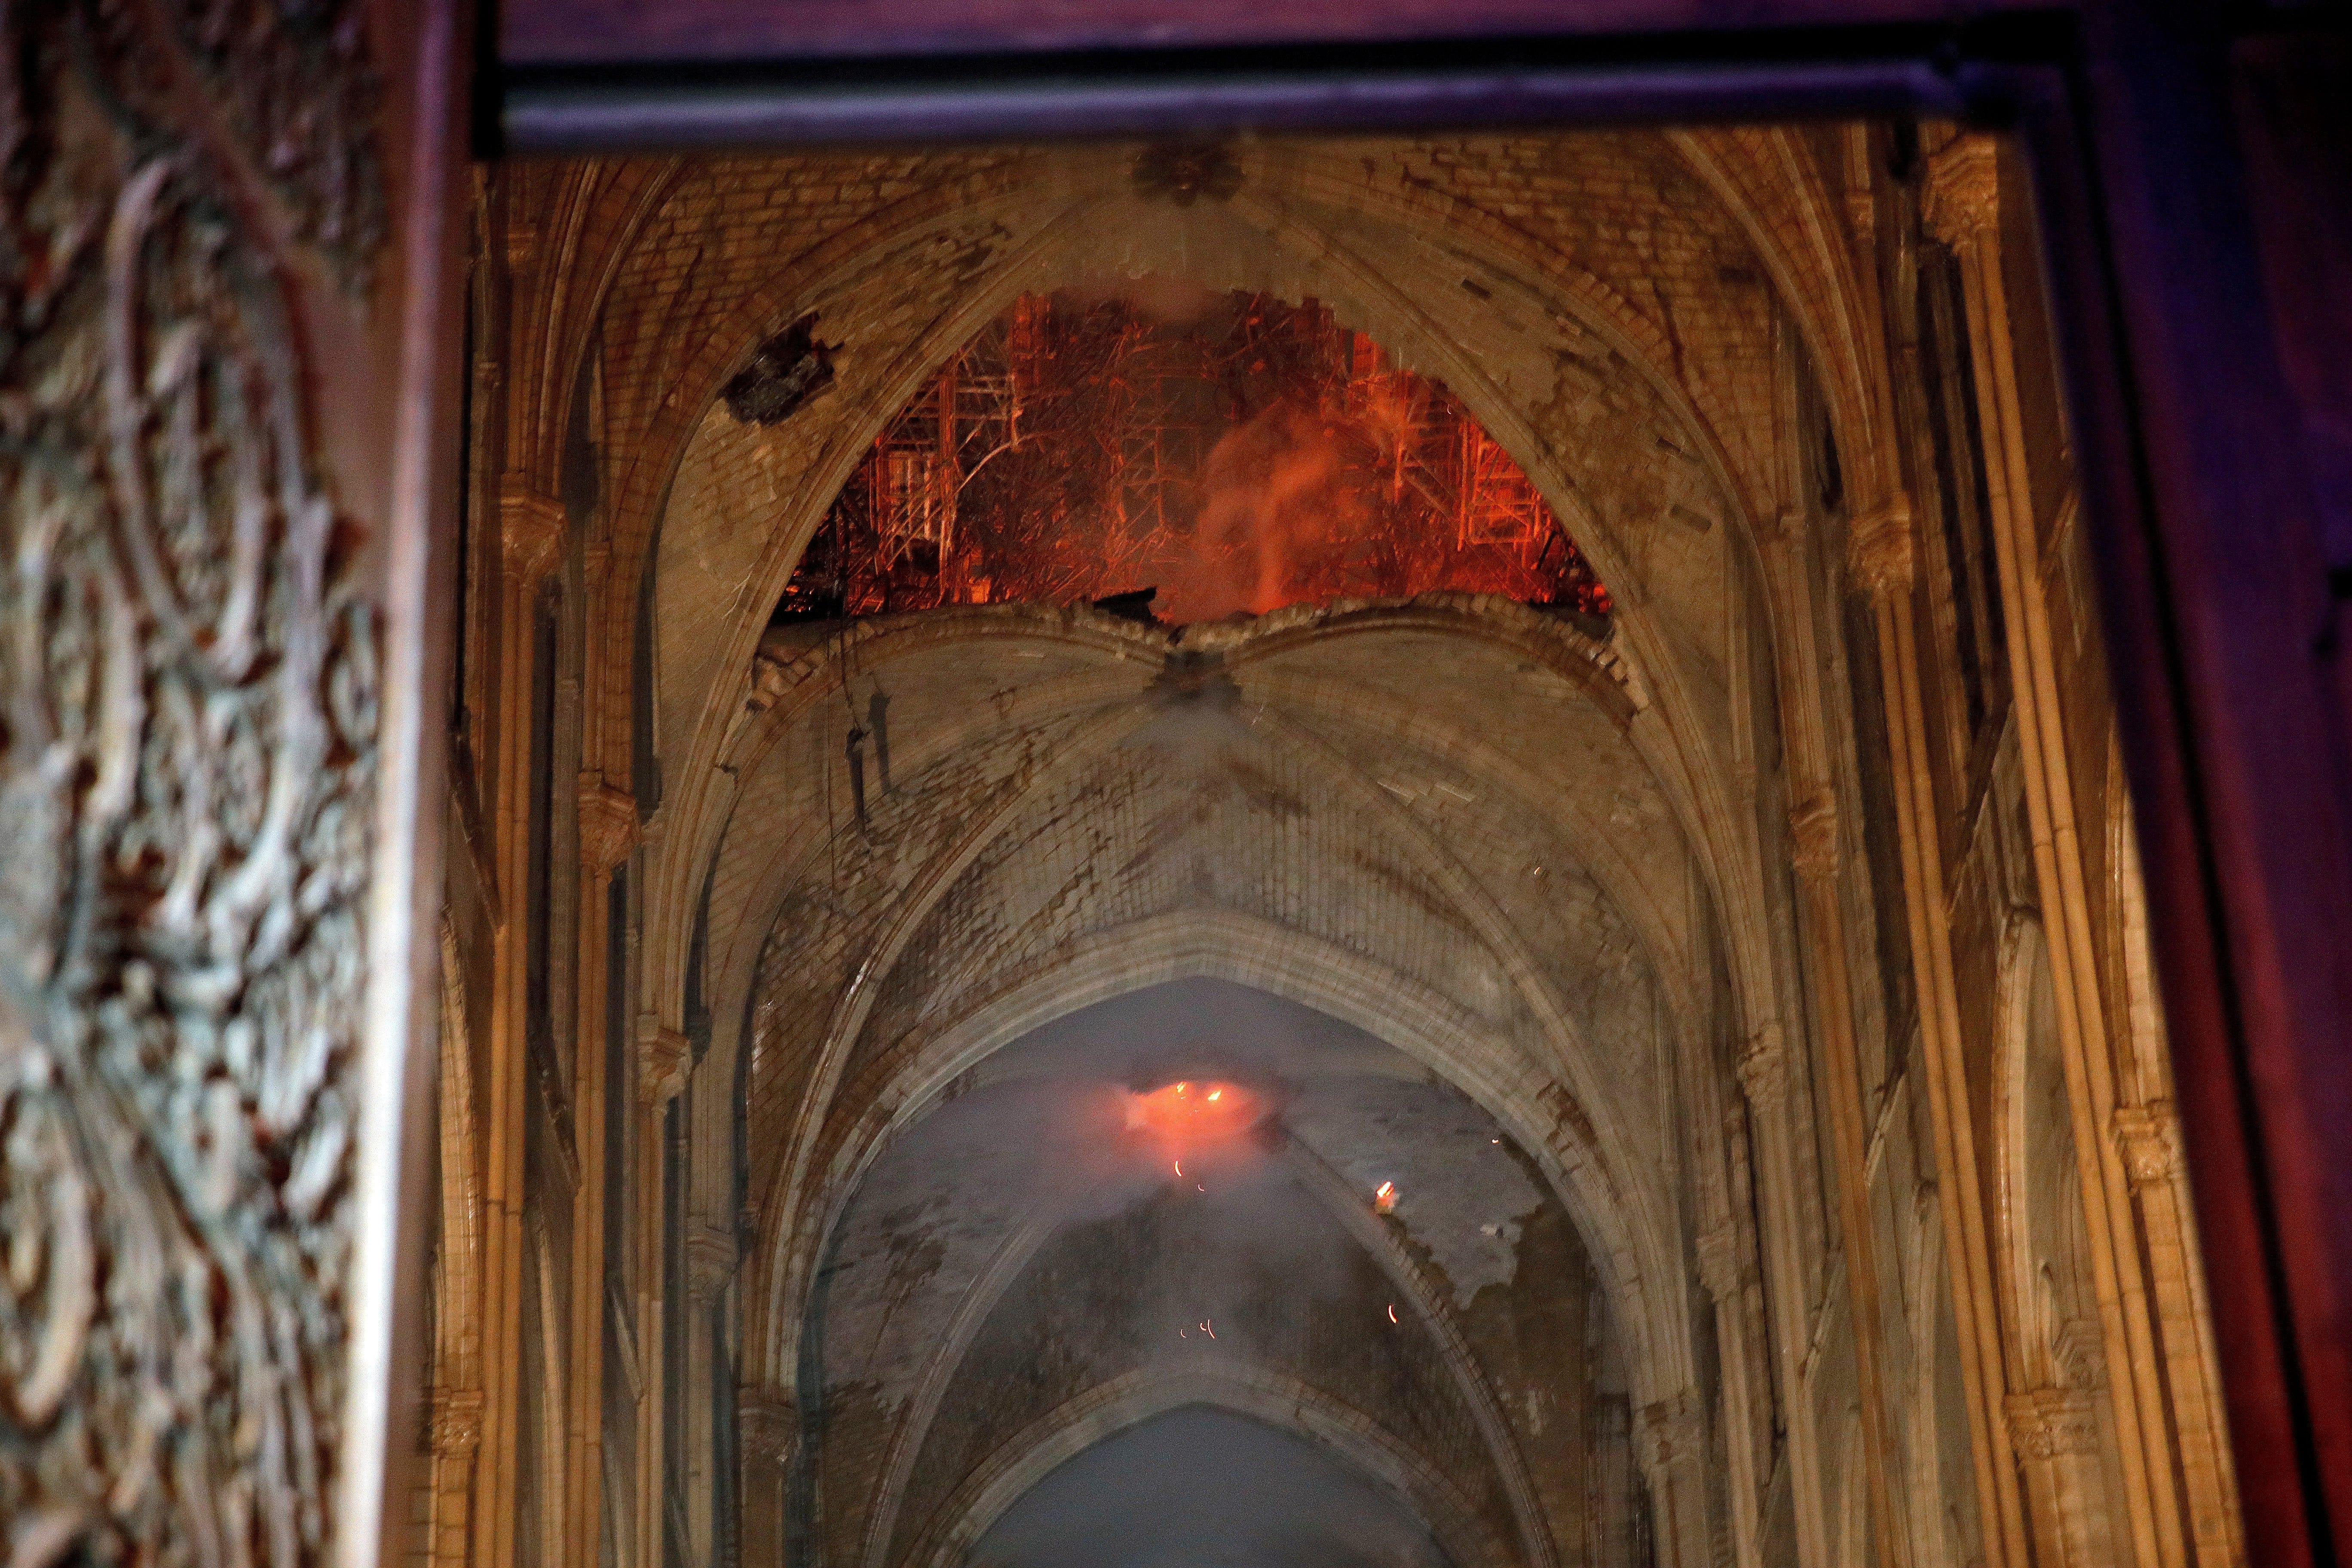 http://www.gannett-cdn.com/presto/2019/04/15/USAT/47d784b3-16c6-4ee3-b572-a3b5b7c4364c-AP_France_Notre_Dame_Fire.jpg